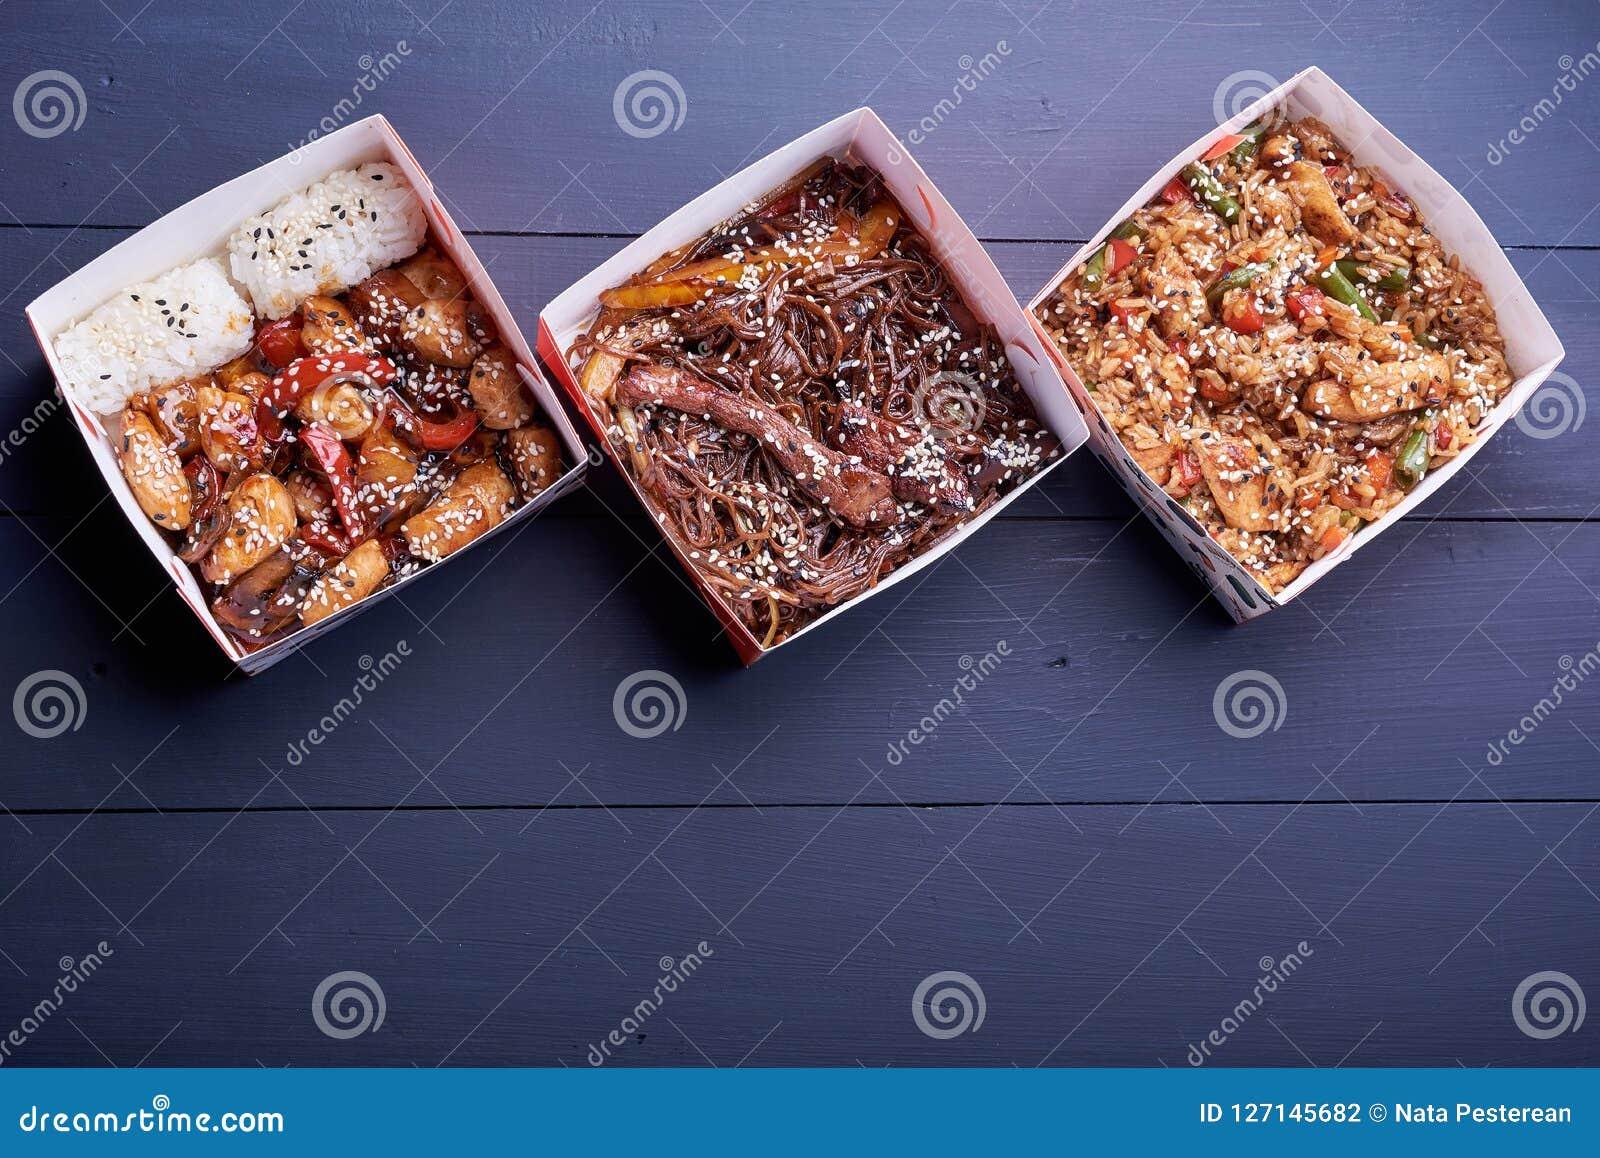 Kluski z wieprzowiną i warzywami w wp8lywy boksują na drewnianym stole